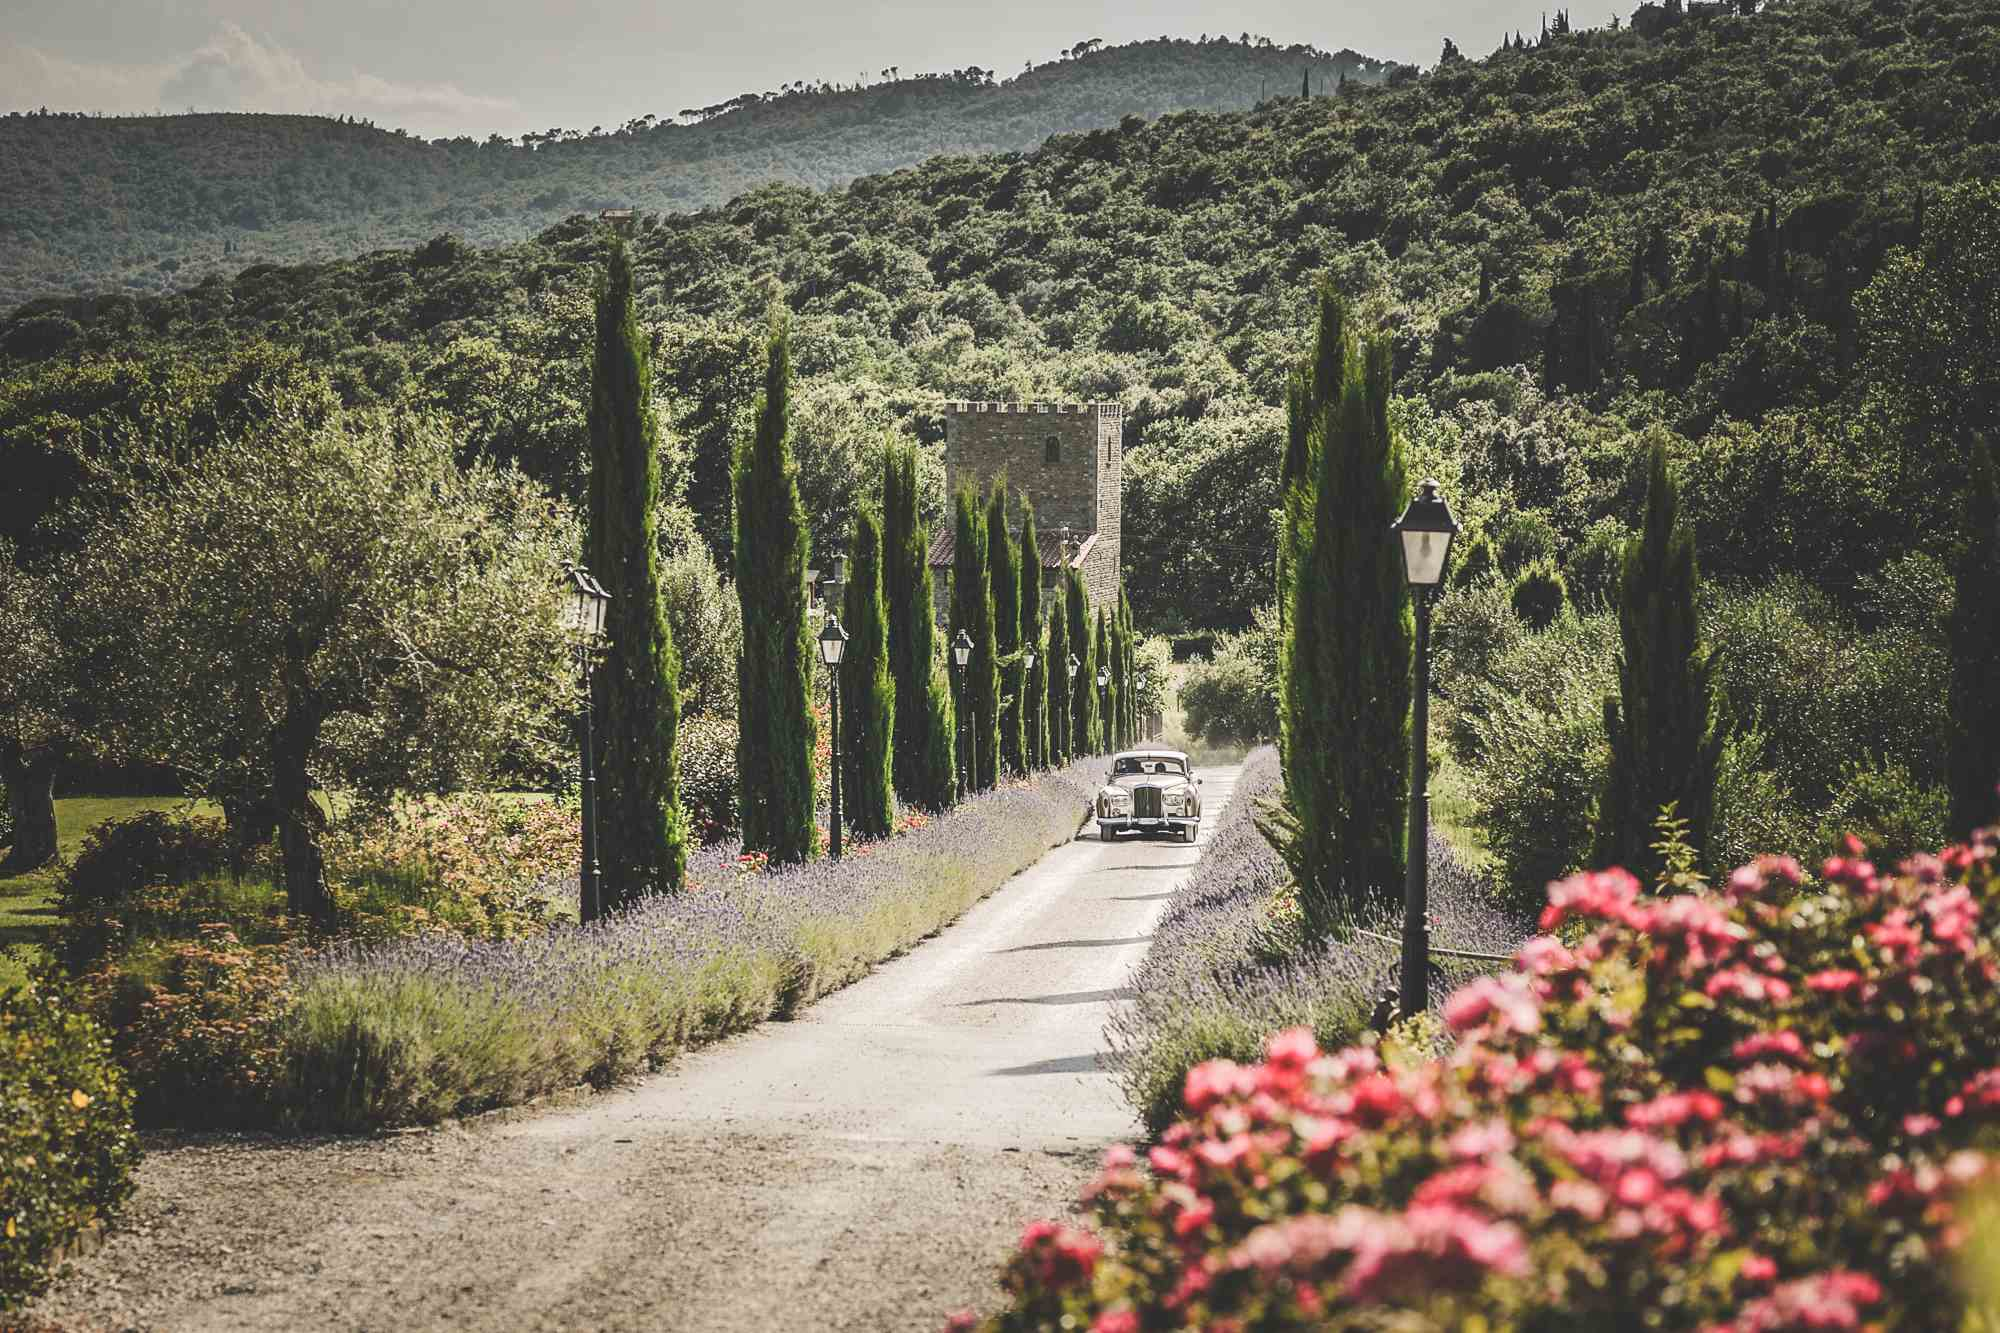 1.Tuscany, Italy